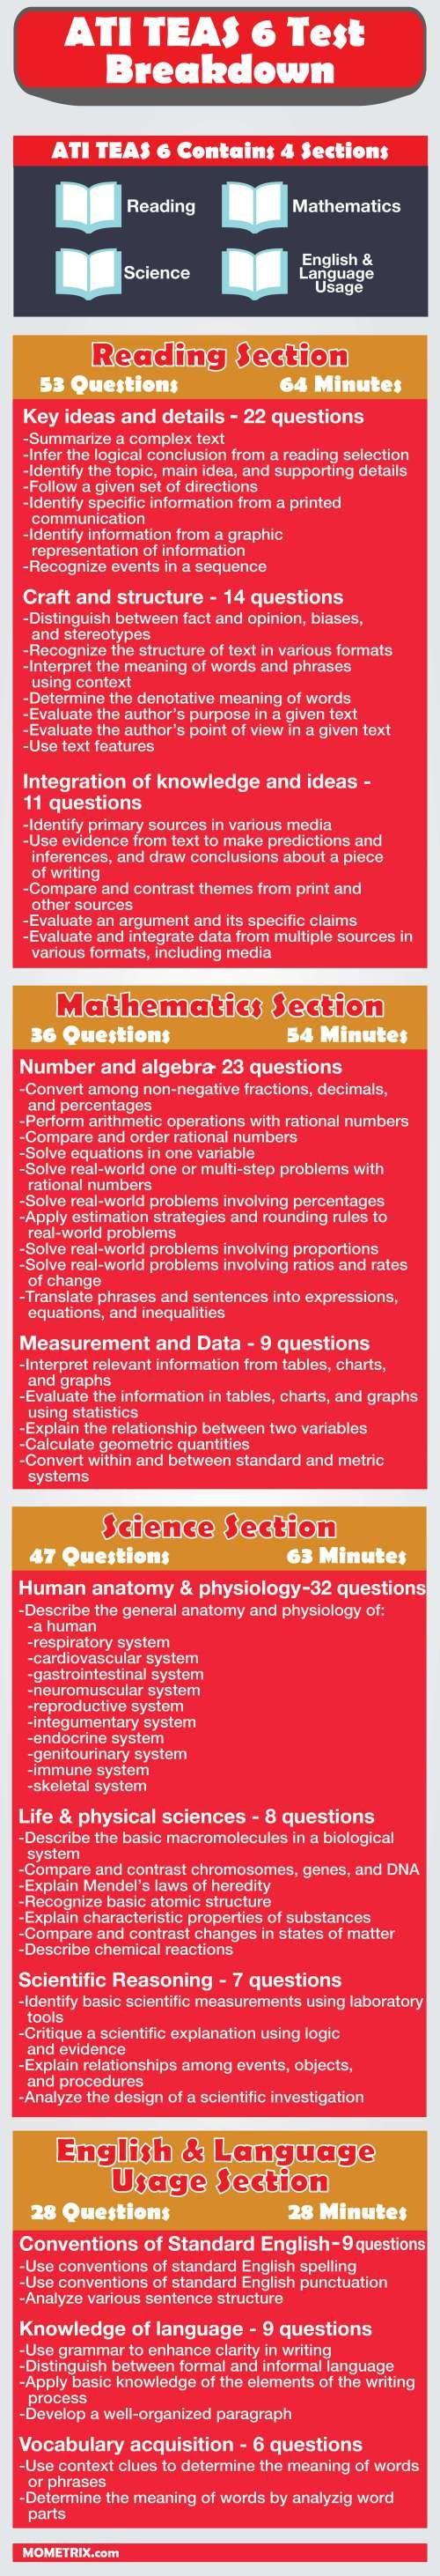 Ati Teas 6 Test Breakdown [Infographic | Teas Test Study Guide - Free Printable Teas Test Study Guide